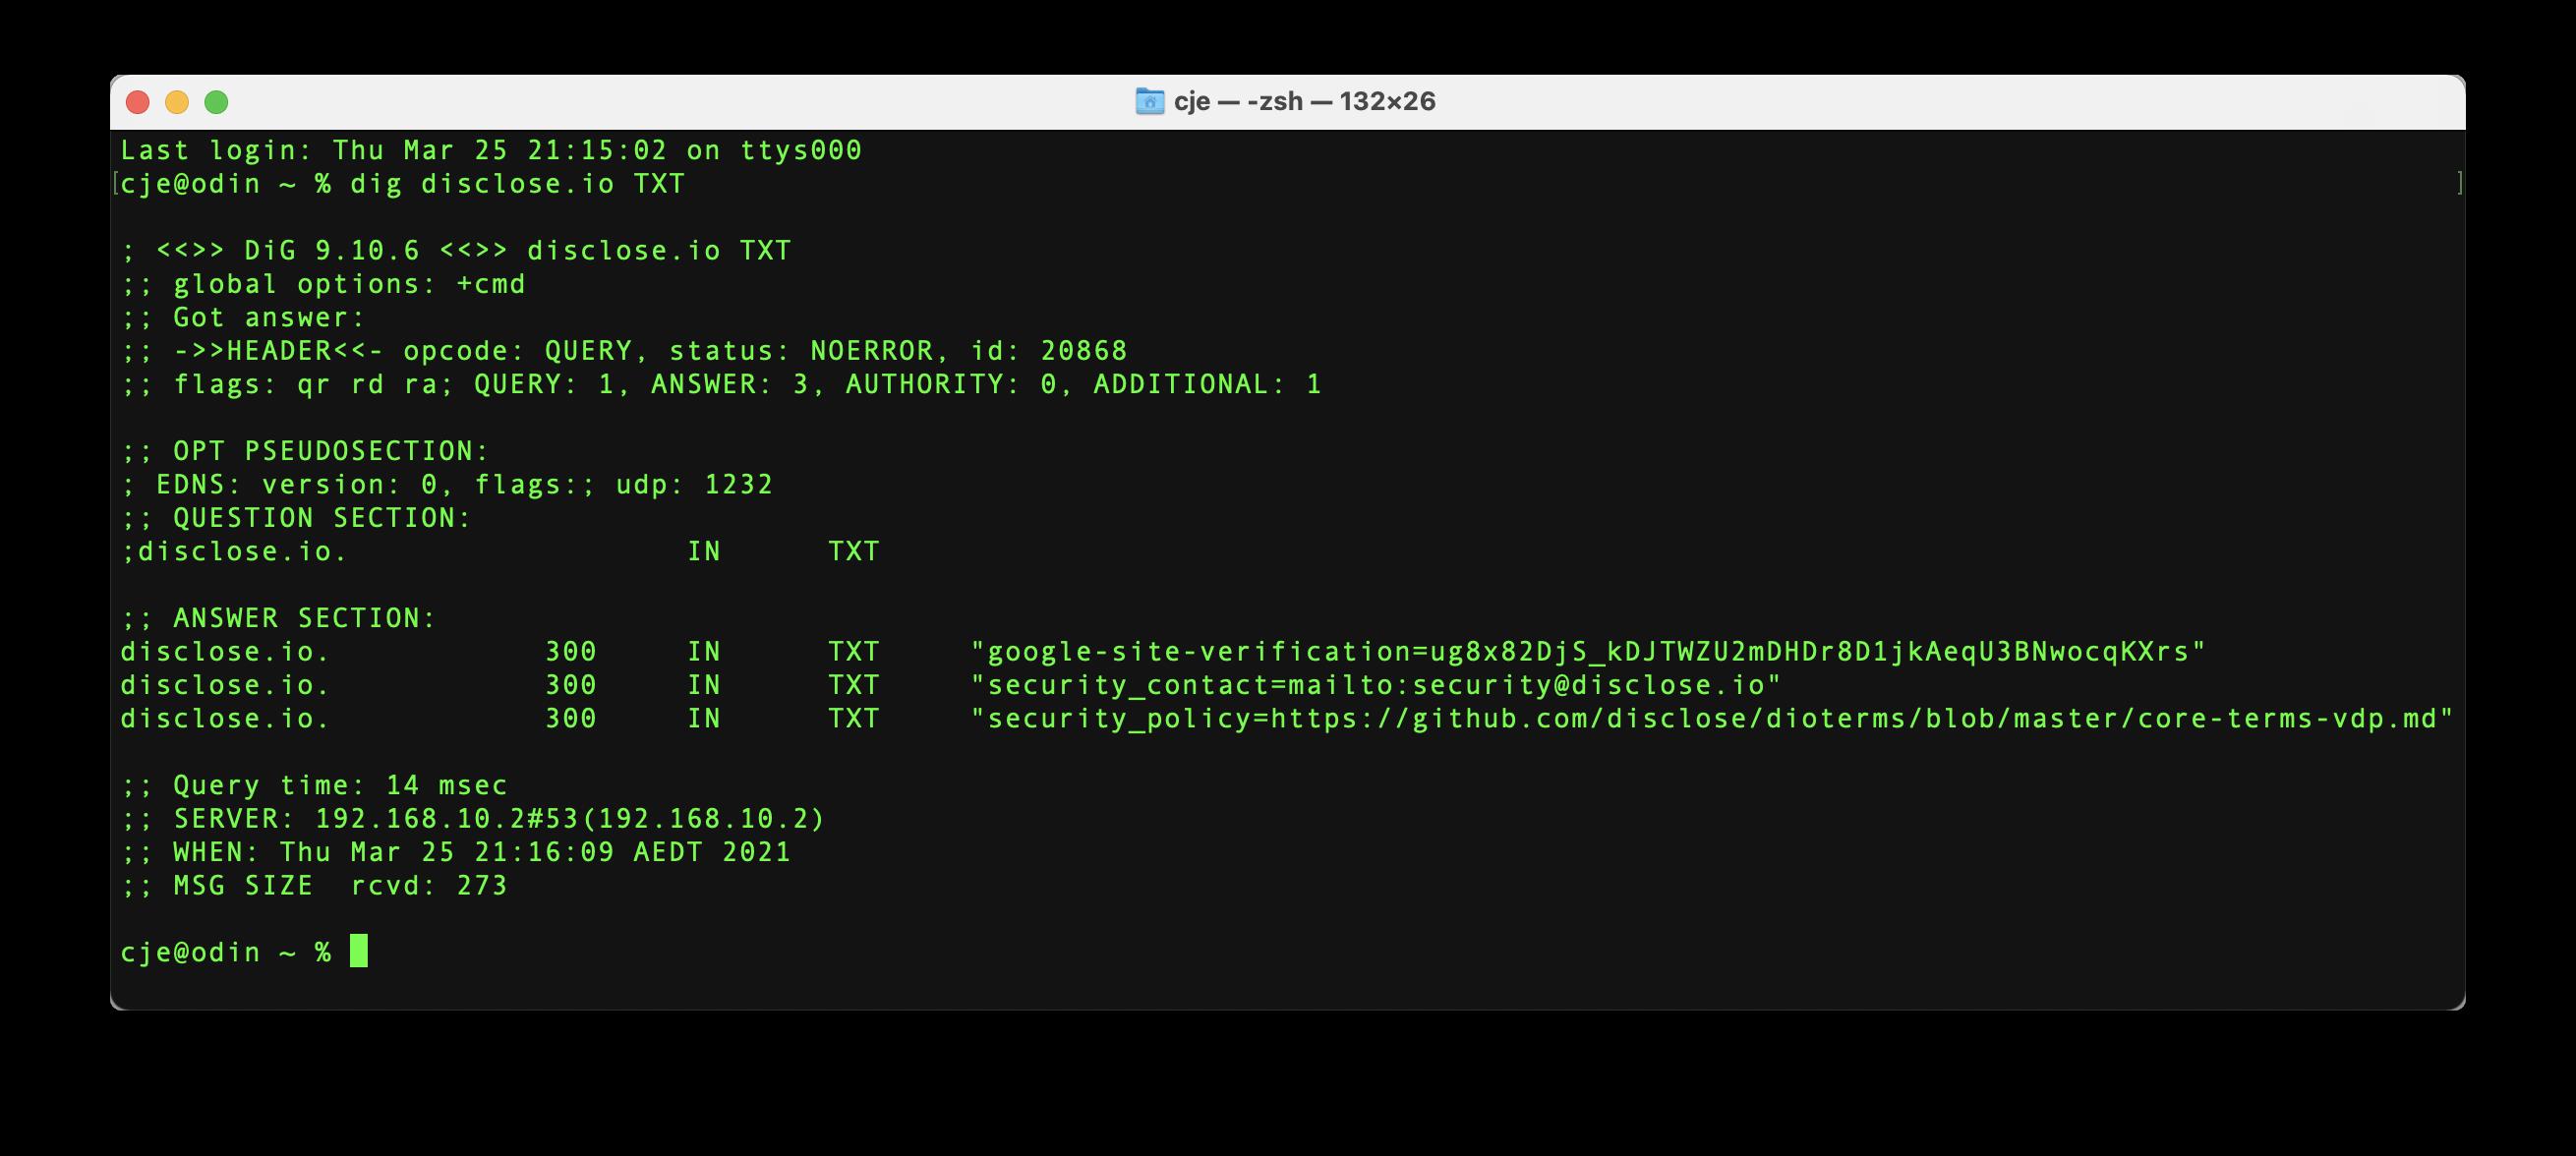 DNS Text Screencap for disclose.io